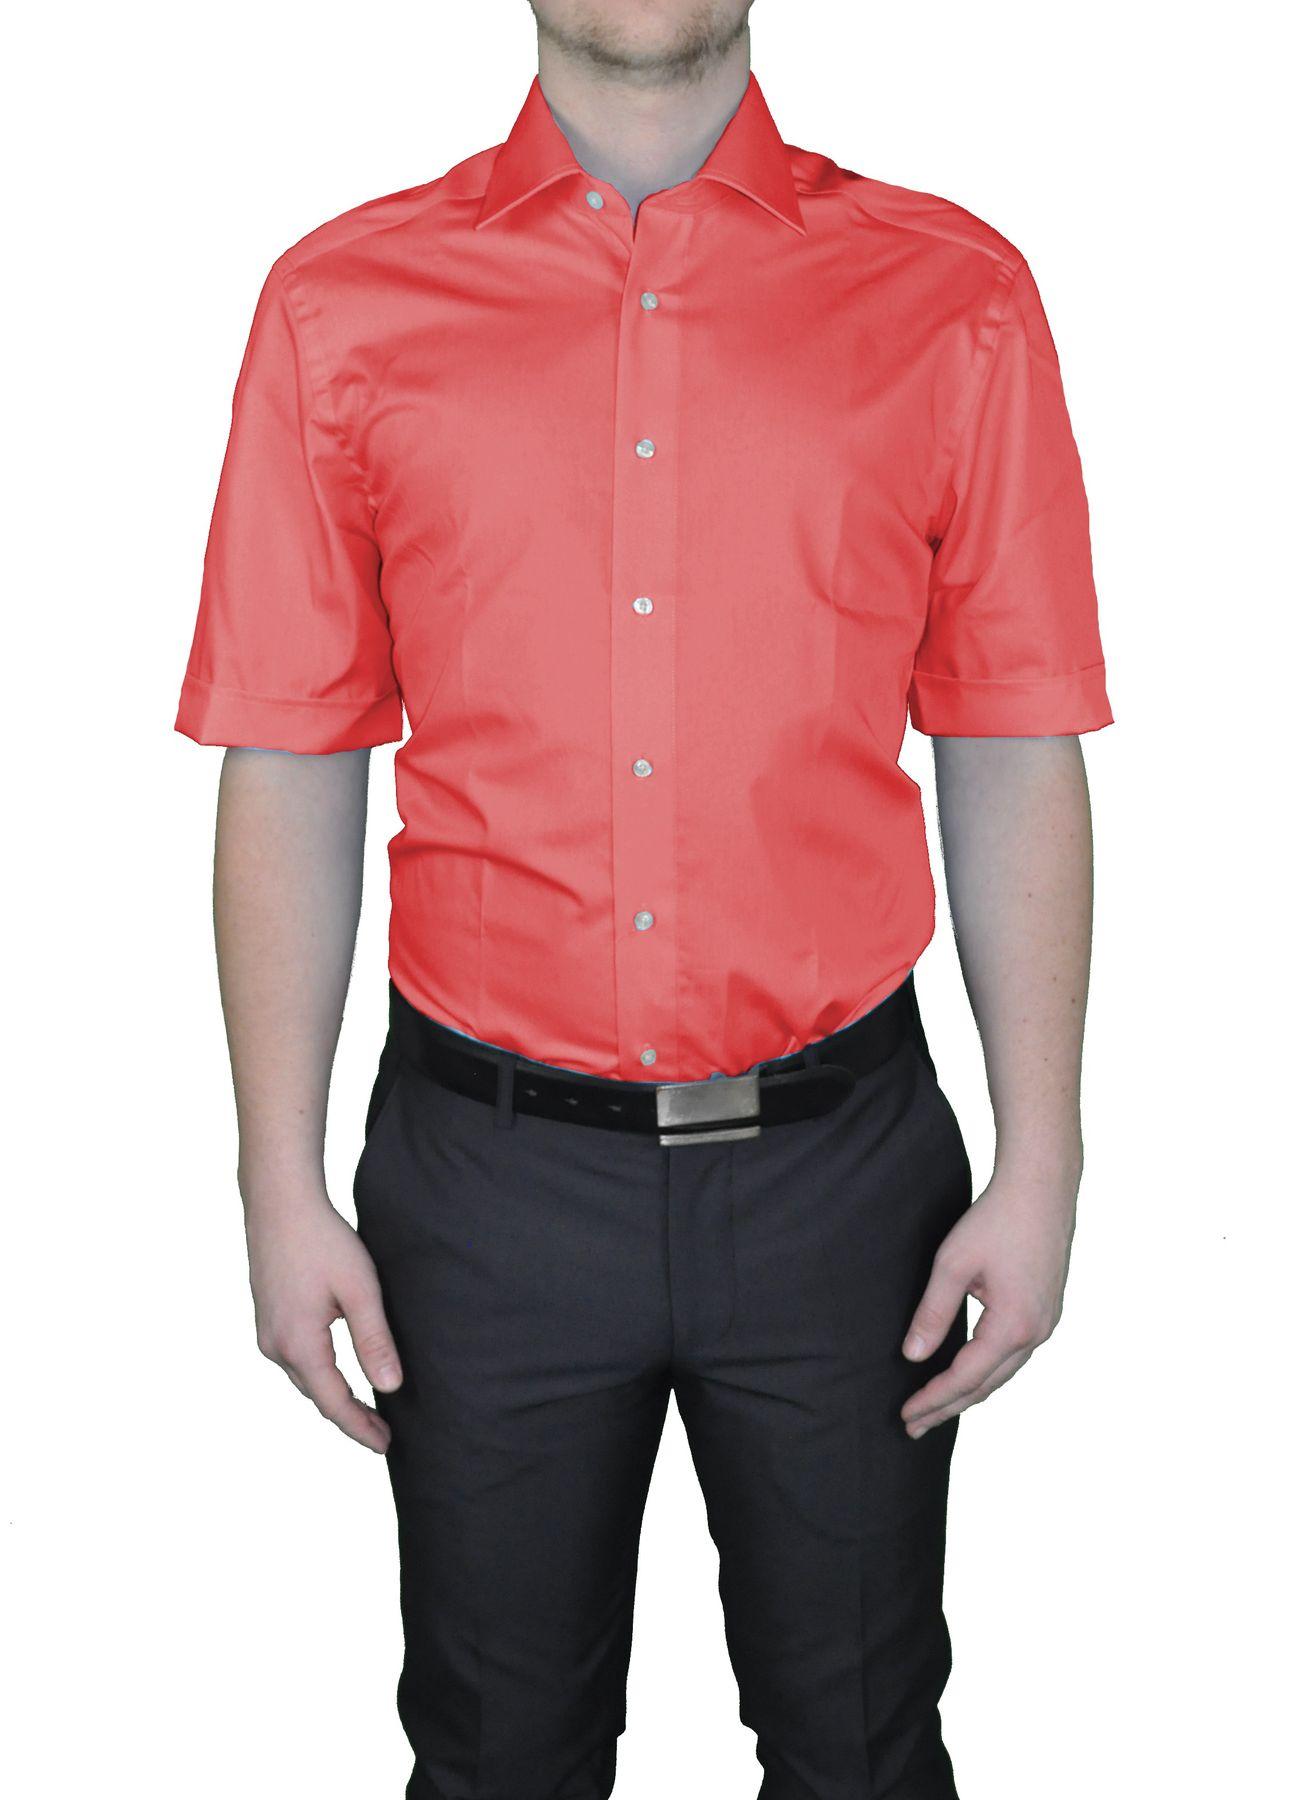 Bügelfreies Herren Kurzarm Hemd in verschiedenen Farben, Stil: BODY CUT, Marke REDMOND(150910 A) – Bild 24